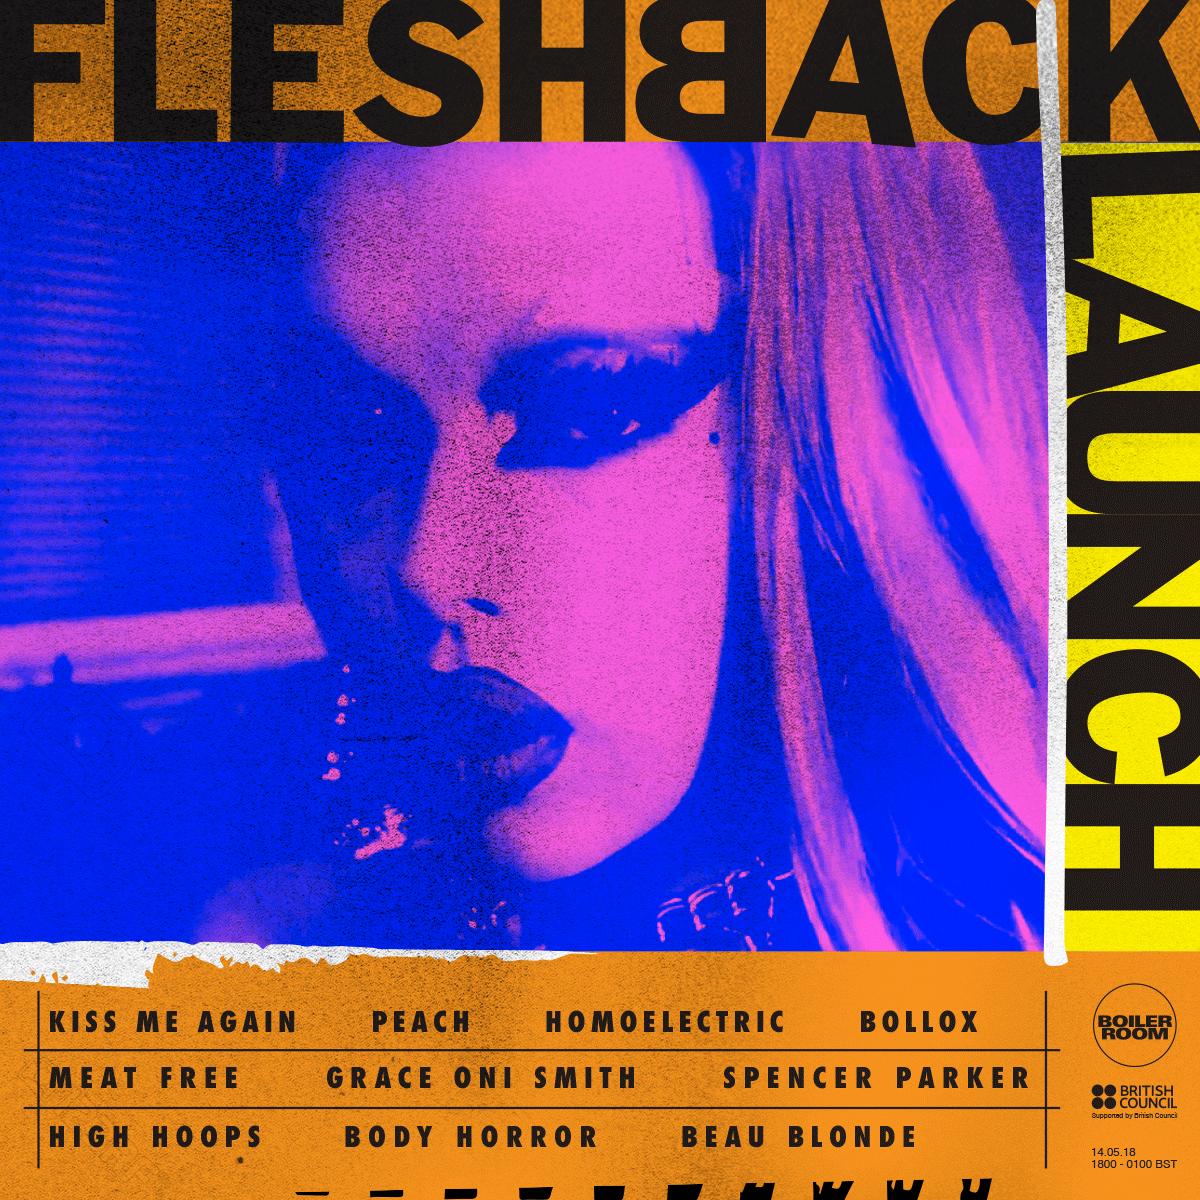 Fleshback Flyer Image